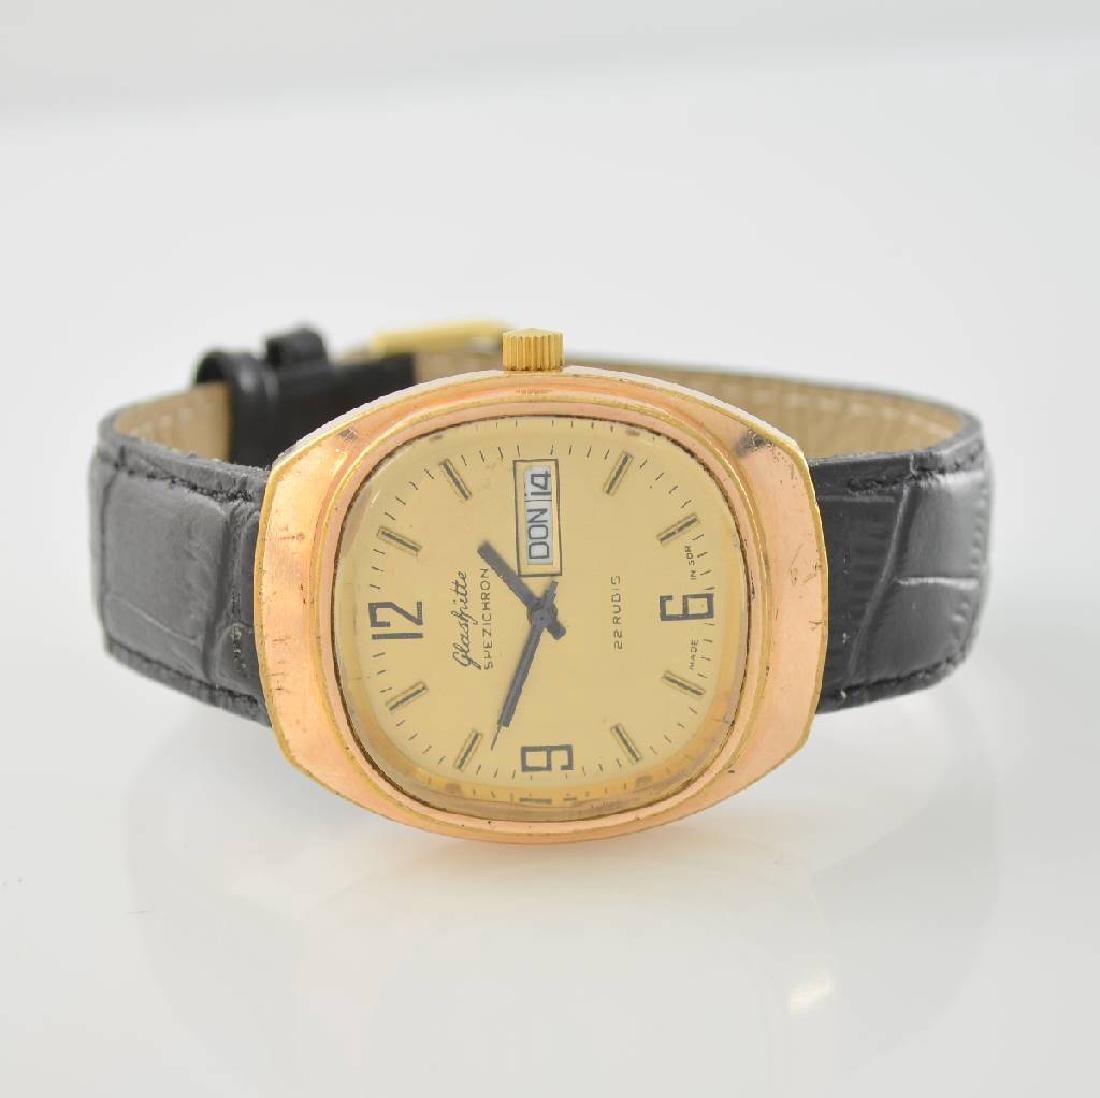 GLASHUTTE Spezichron gents wristwatch